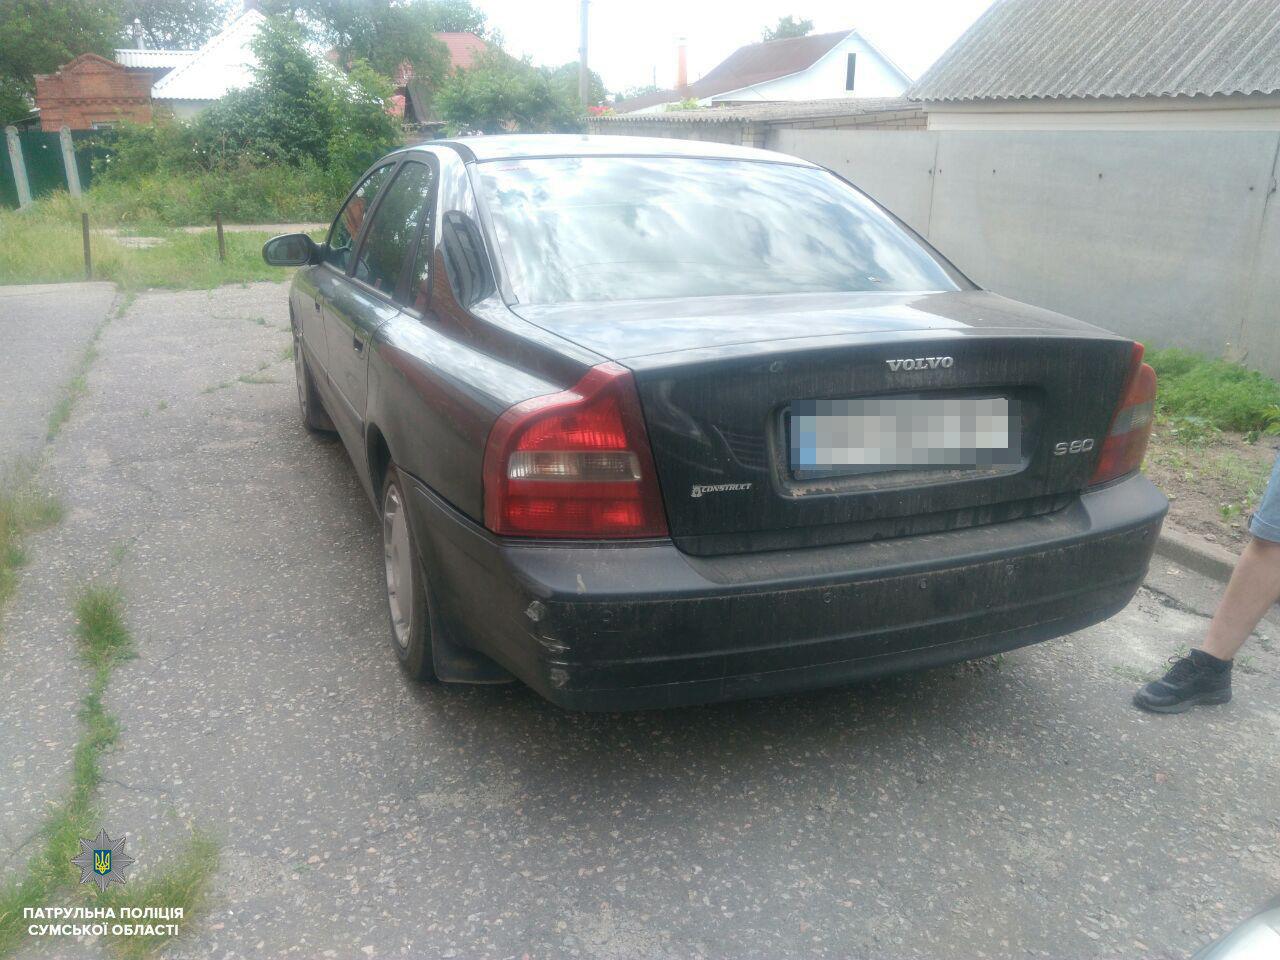 У Сумах відшукати водія, котрий вчинив автопригоду та залишив місце події, фото-1